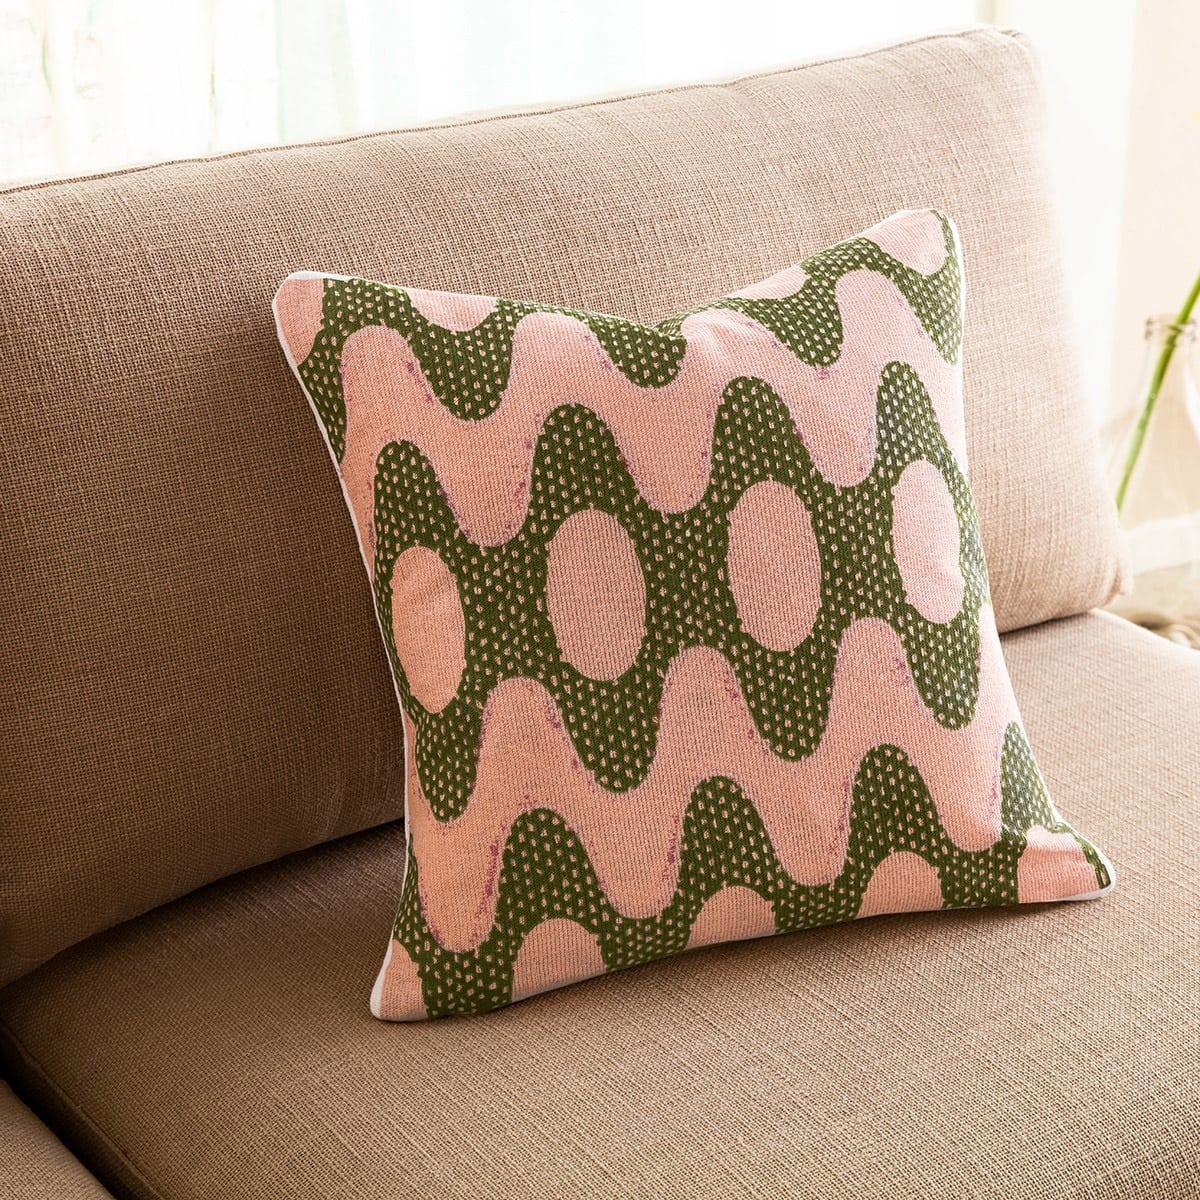 Μαξιλαροθήκη Διακοσμητική Dizzy 659 Somon-Green Gofis Home 45X45 100% Βαμβάκι